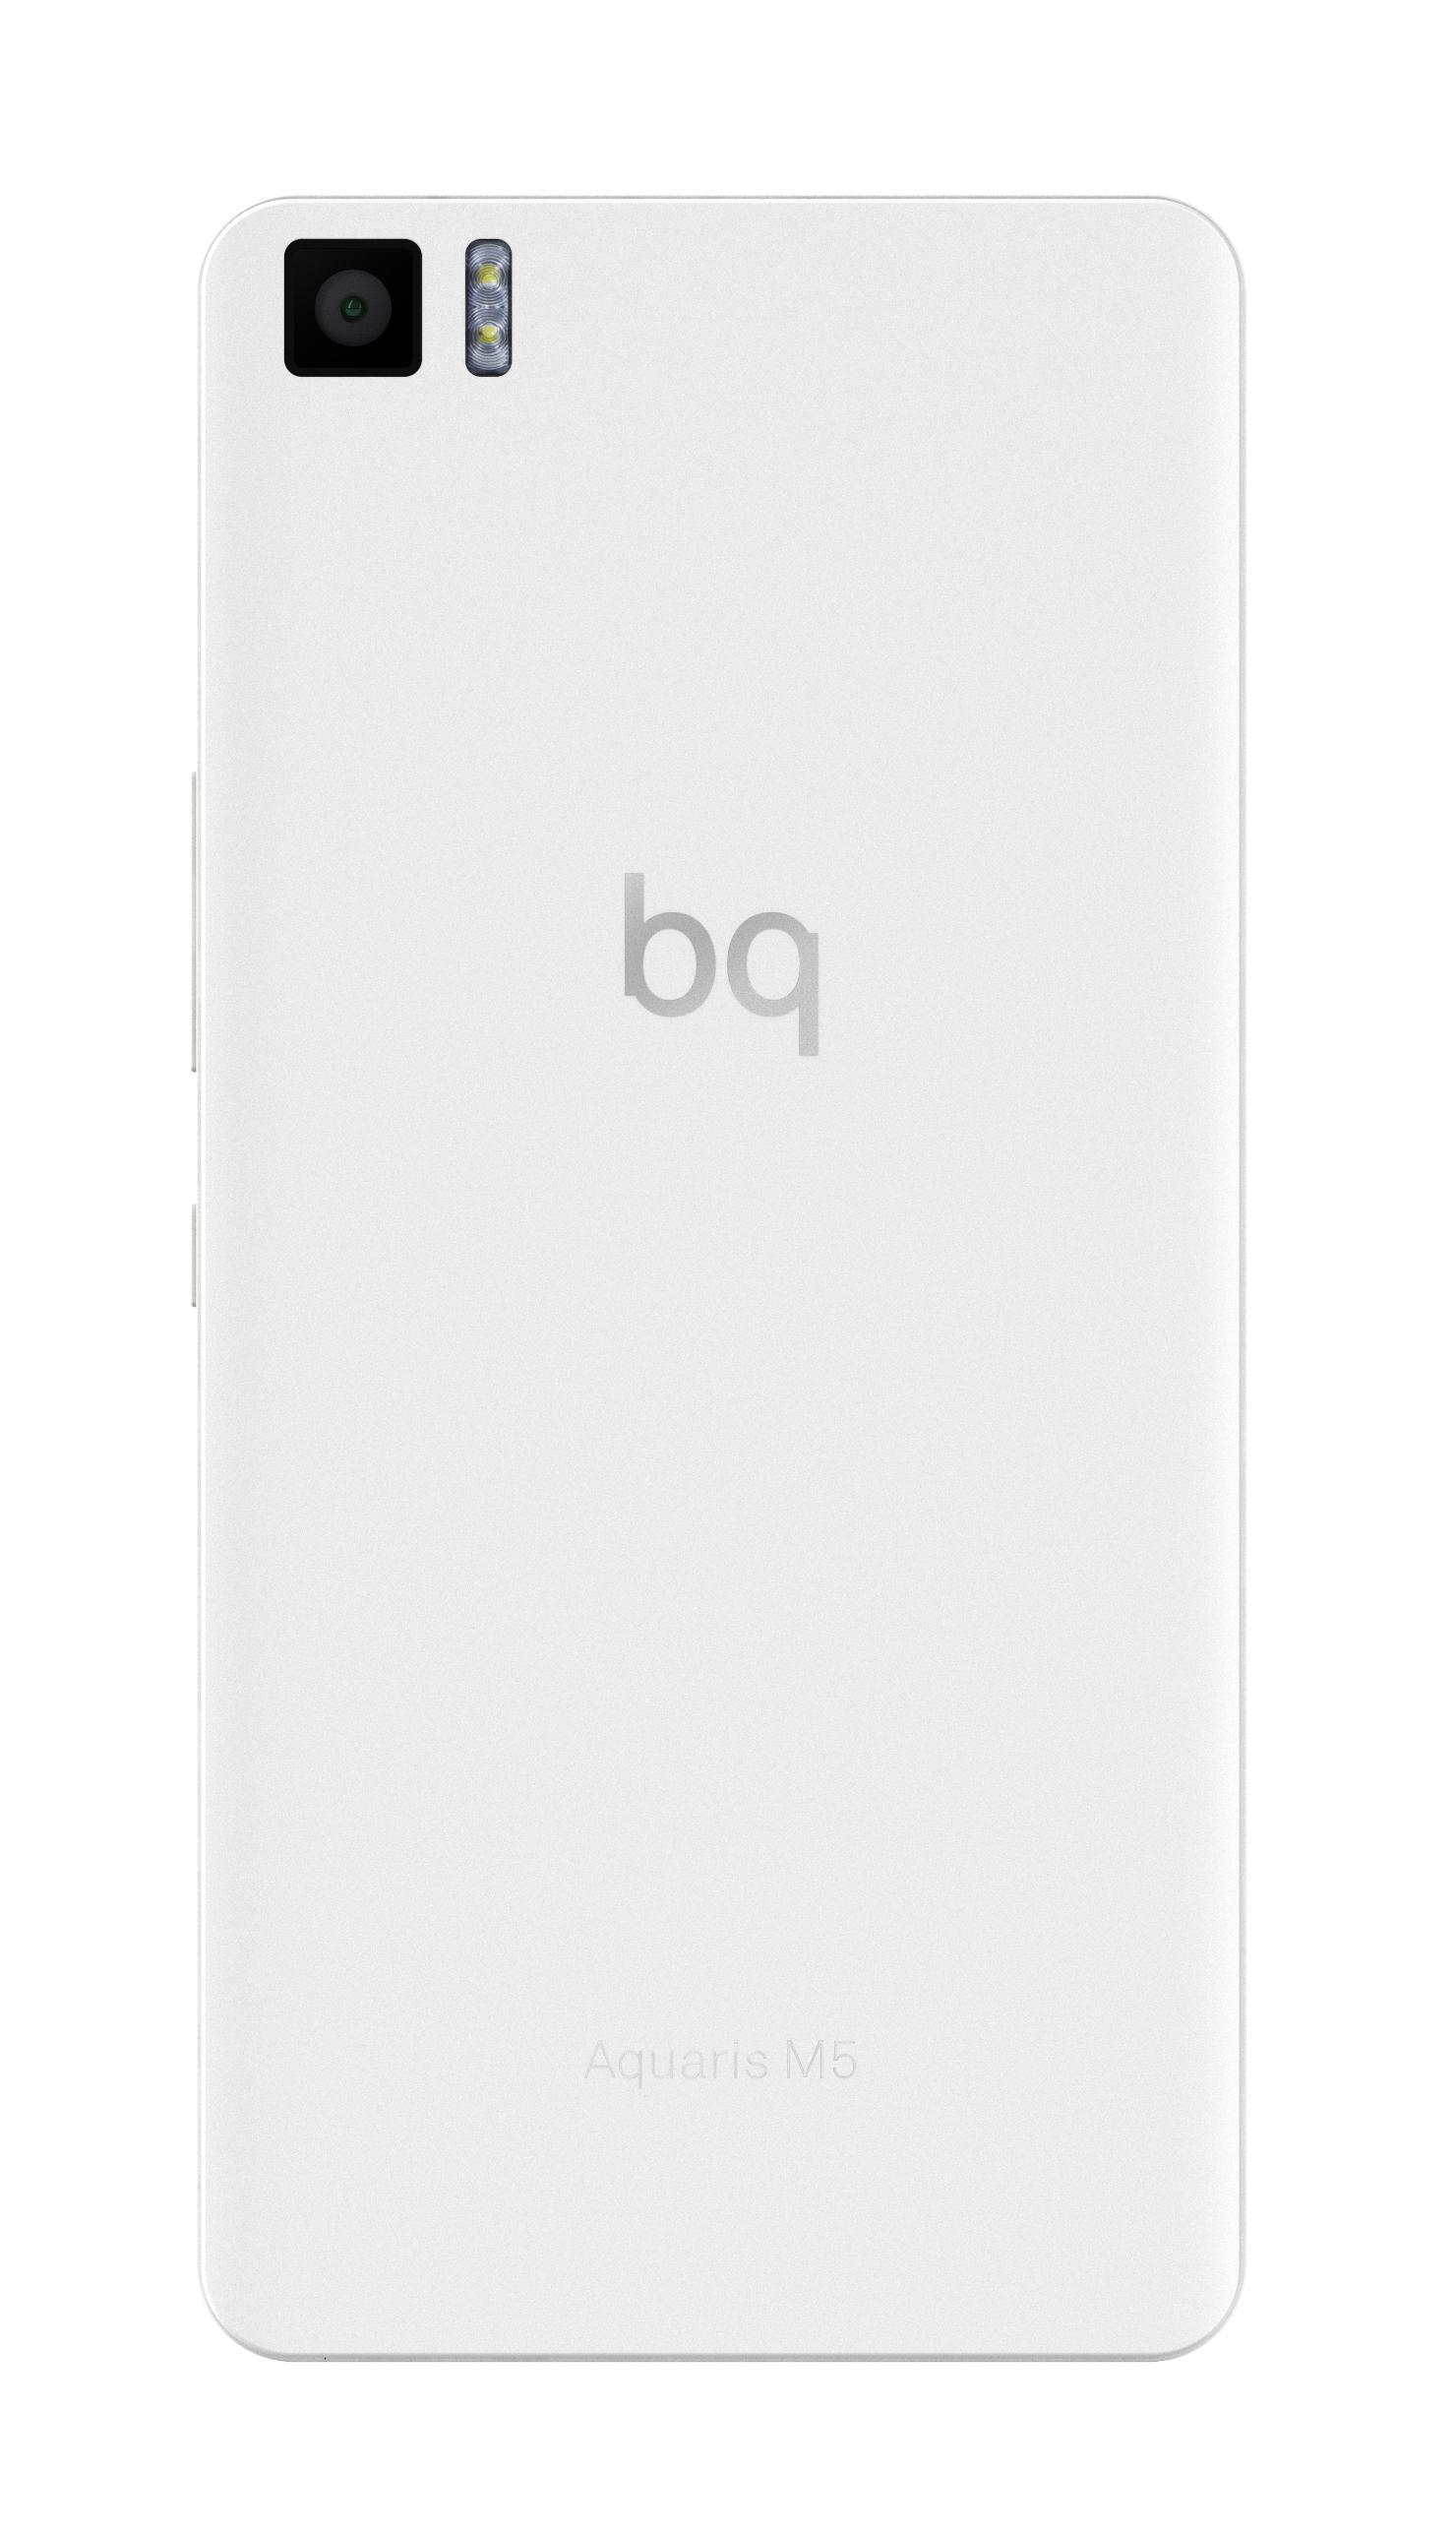 Bq Aquaris M5 en color blanco